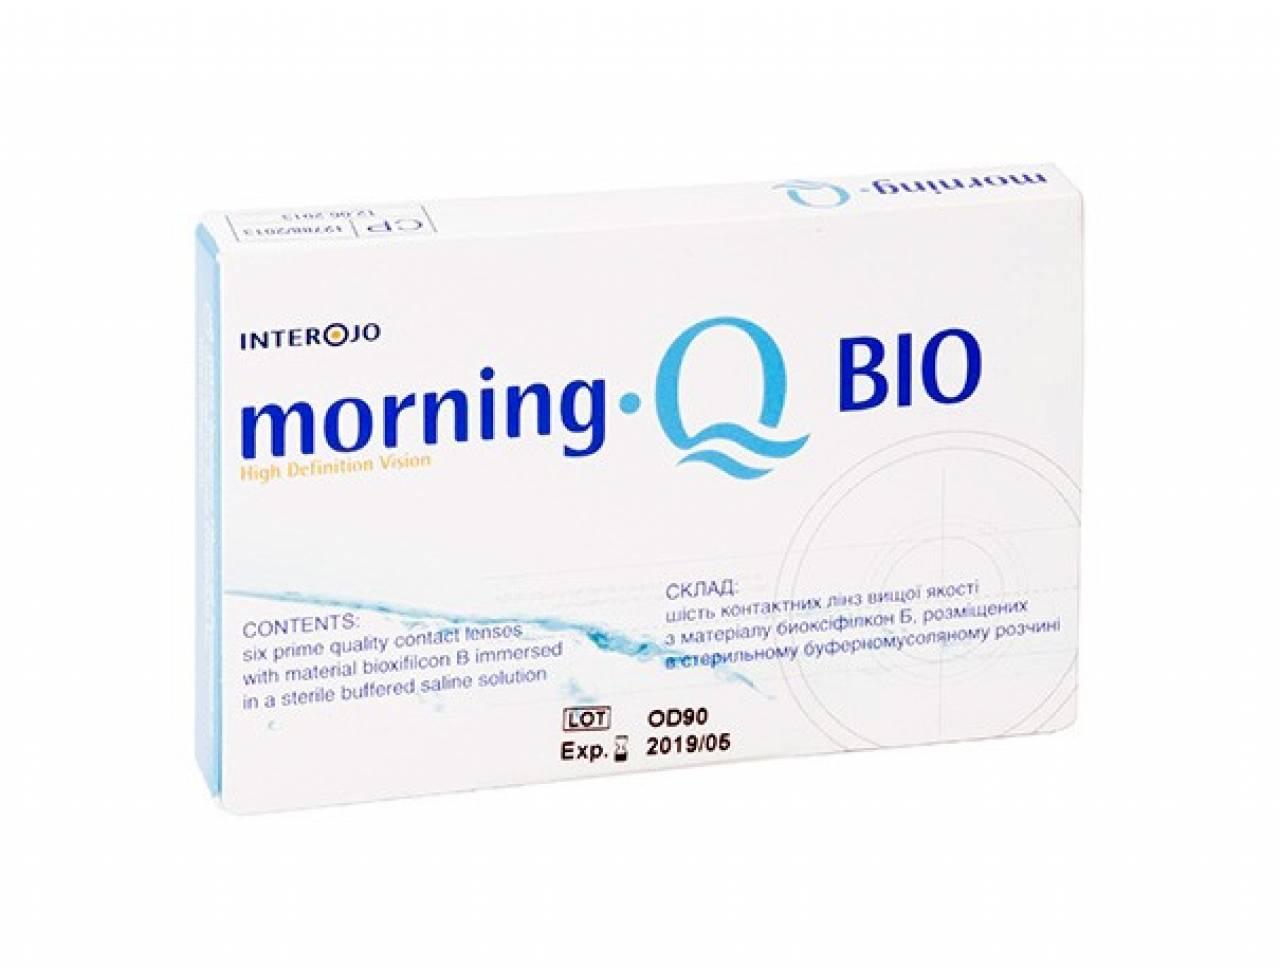 Месячные контактные линзы Interojo Morning Q BIO